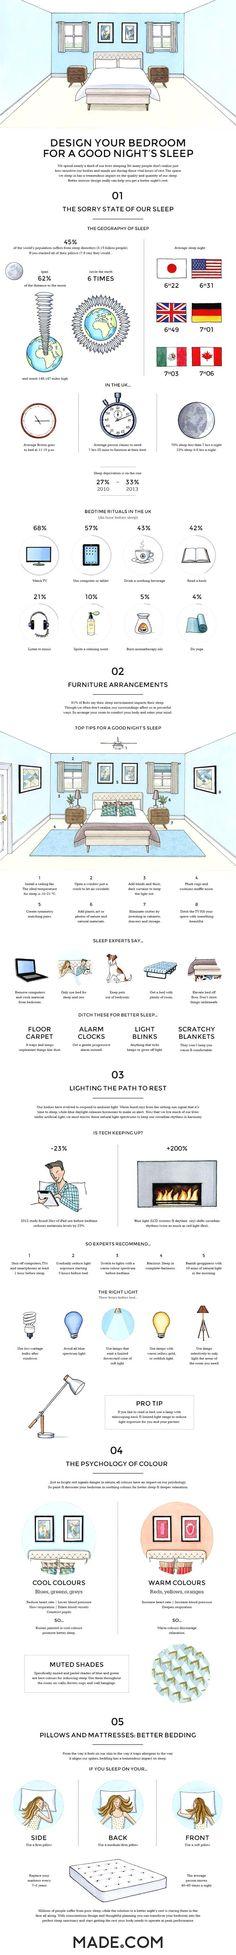 Design Your Bedroom  #asics #asicsmen #asicsman #running #runningshoes #runningmen #menfitness